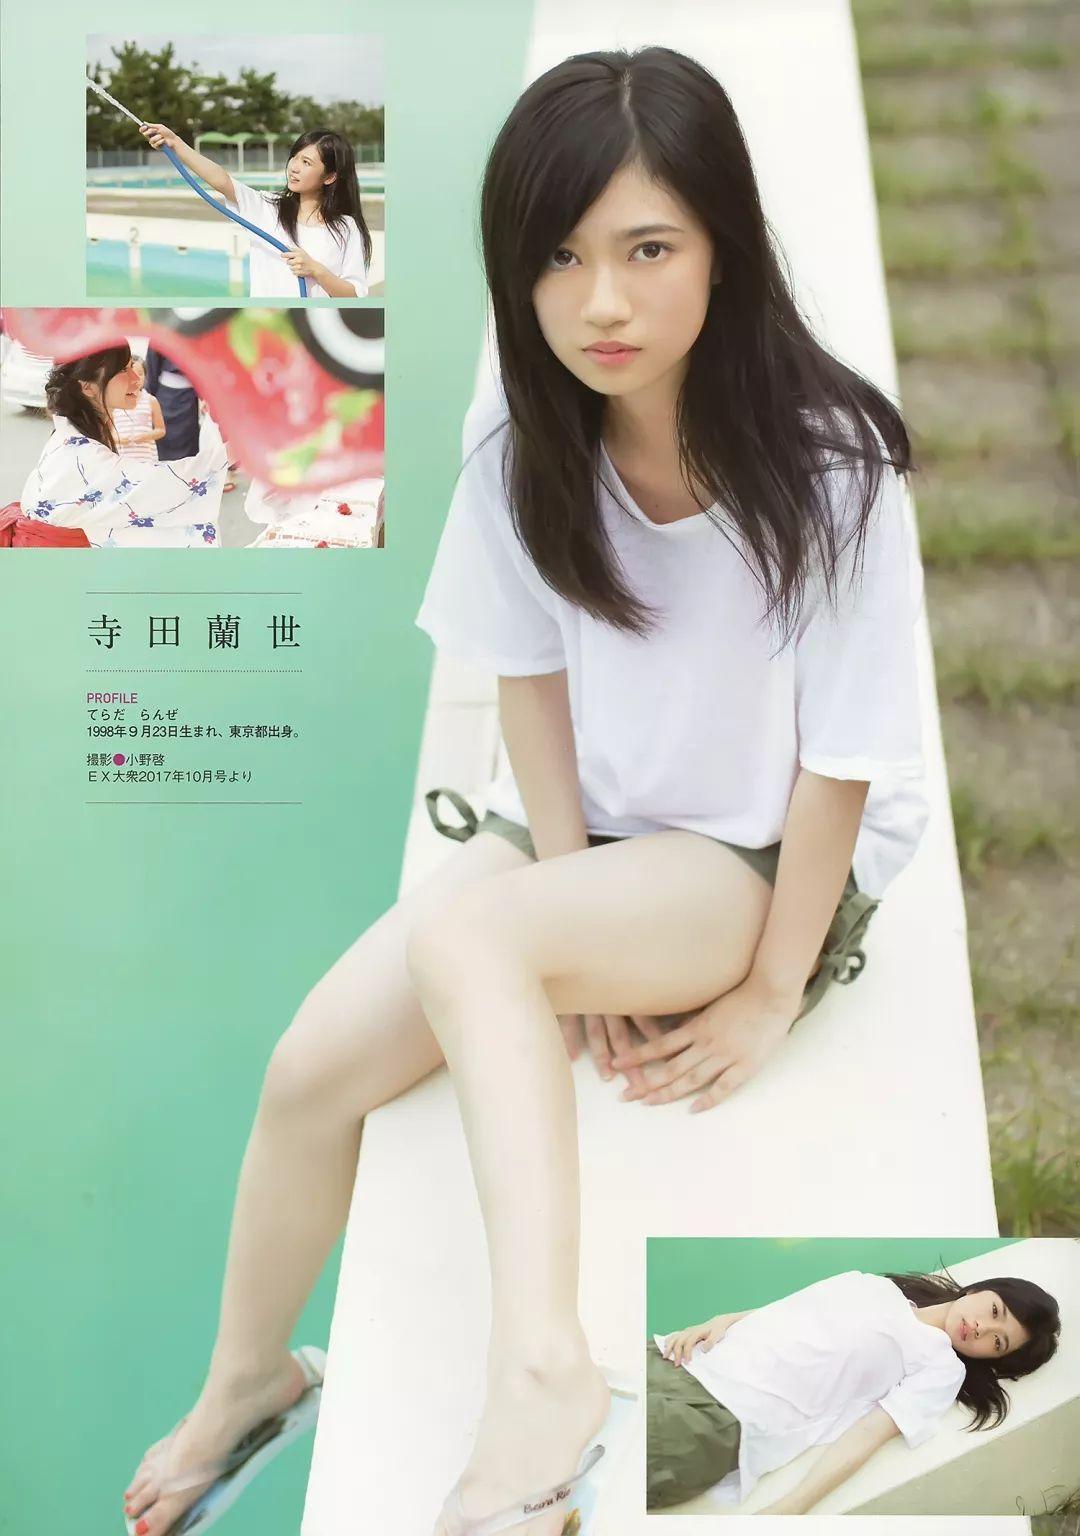 乃木坂46「蓦然惊觉已是初恋」